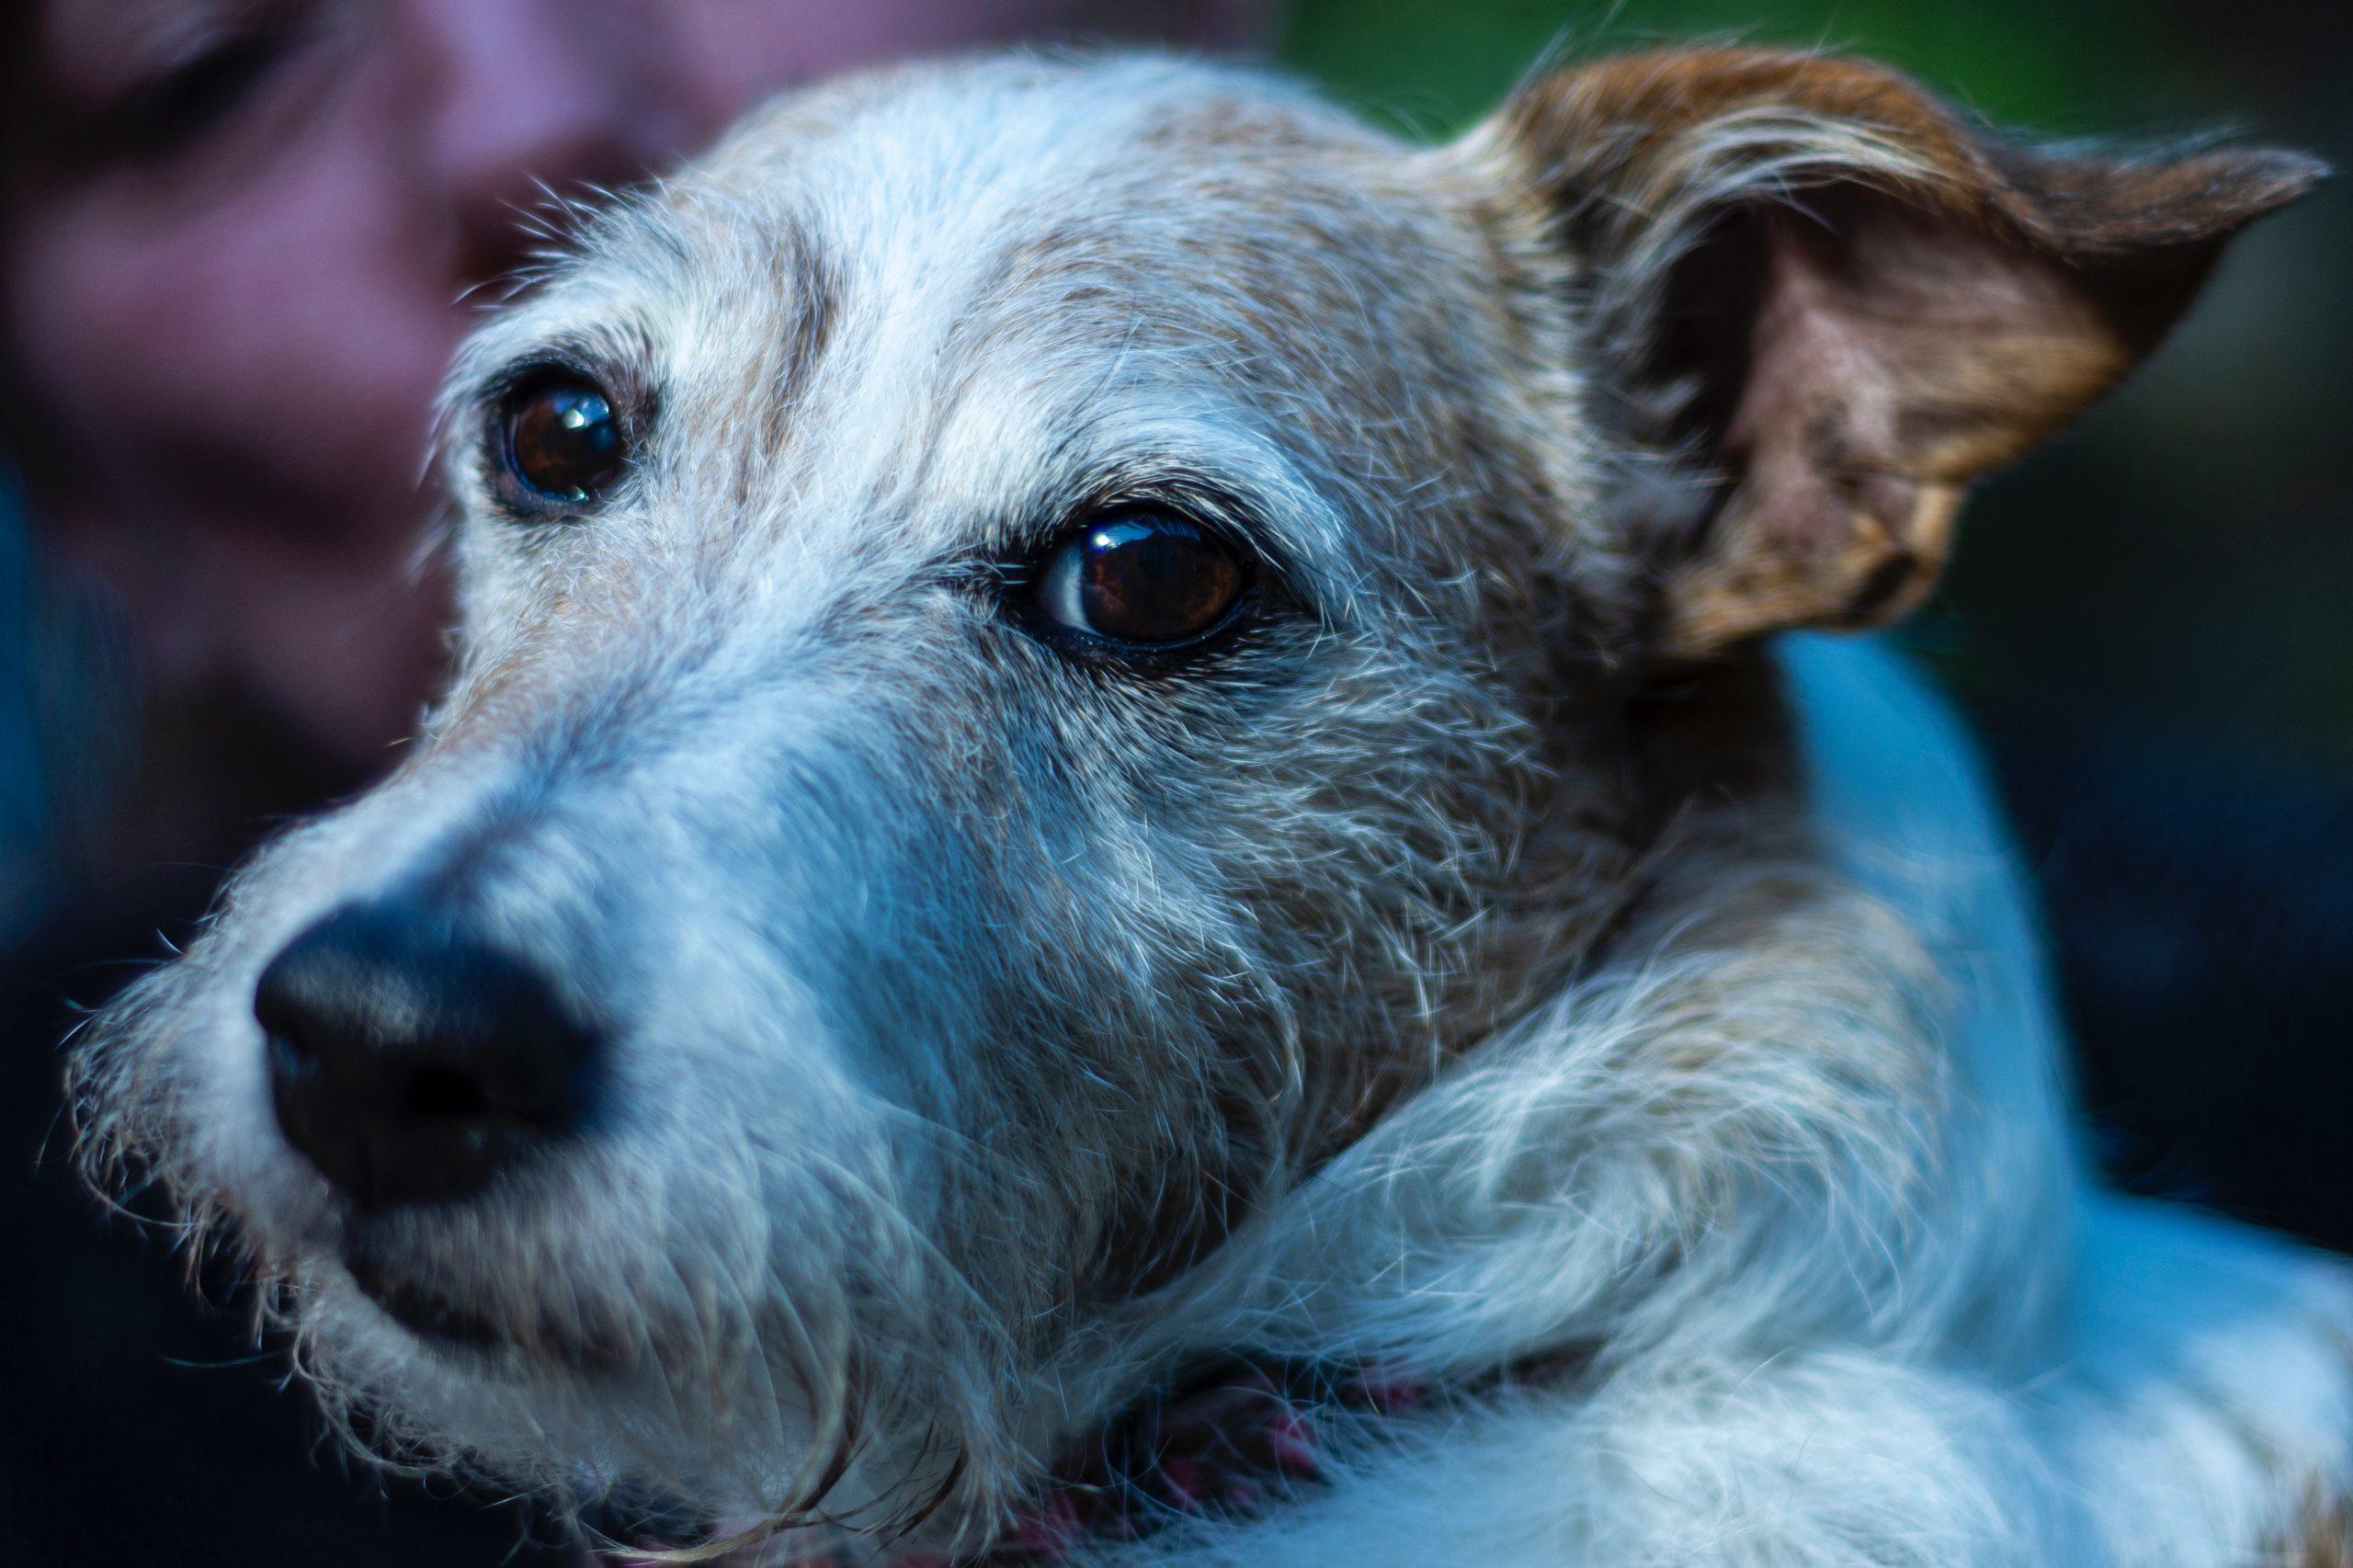 Cuidado de los perros mayores: Haz que tu perro mayor vuelva a sentirse como un cachorro